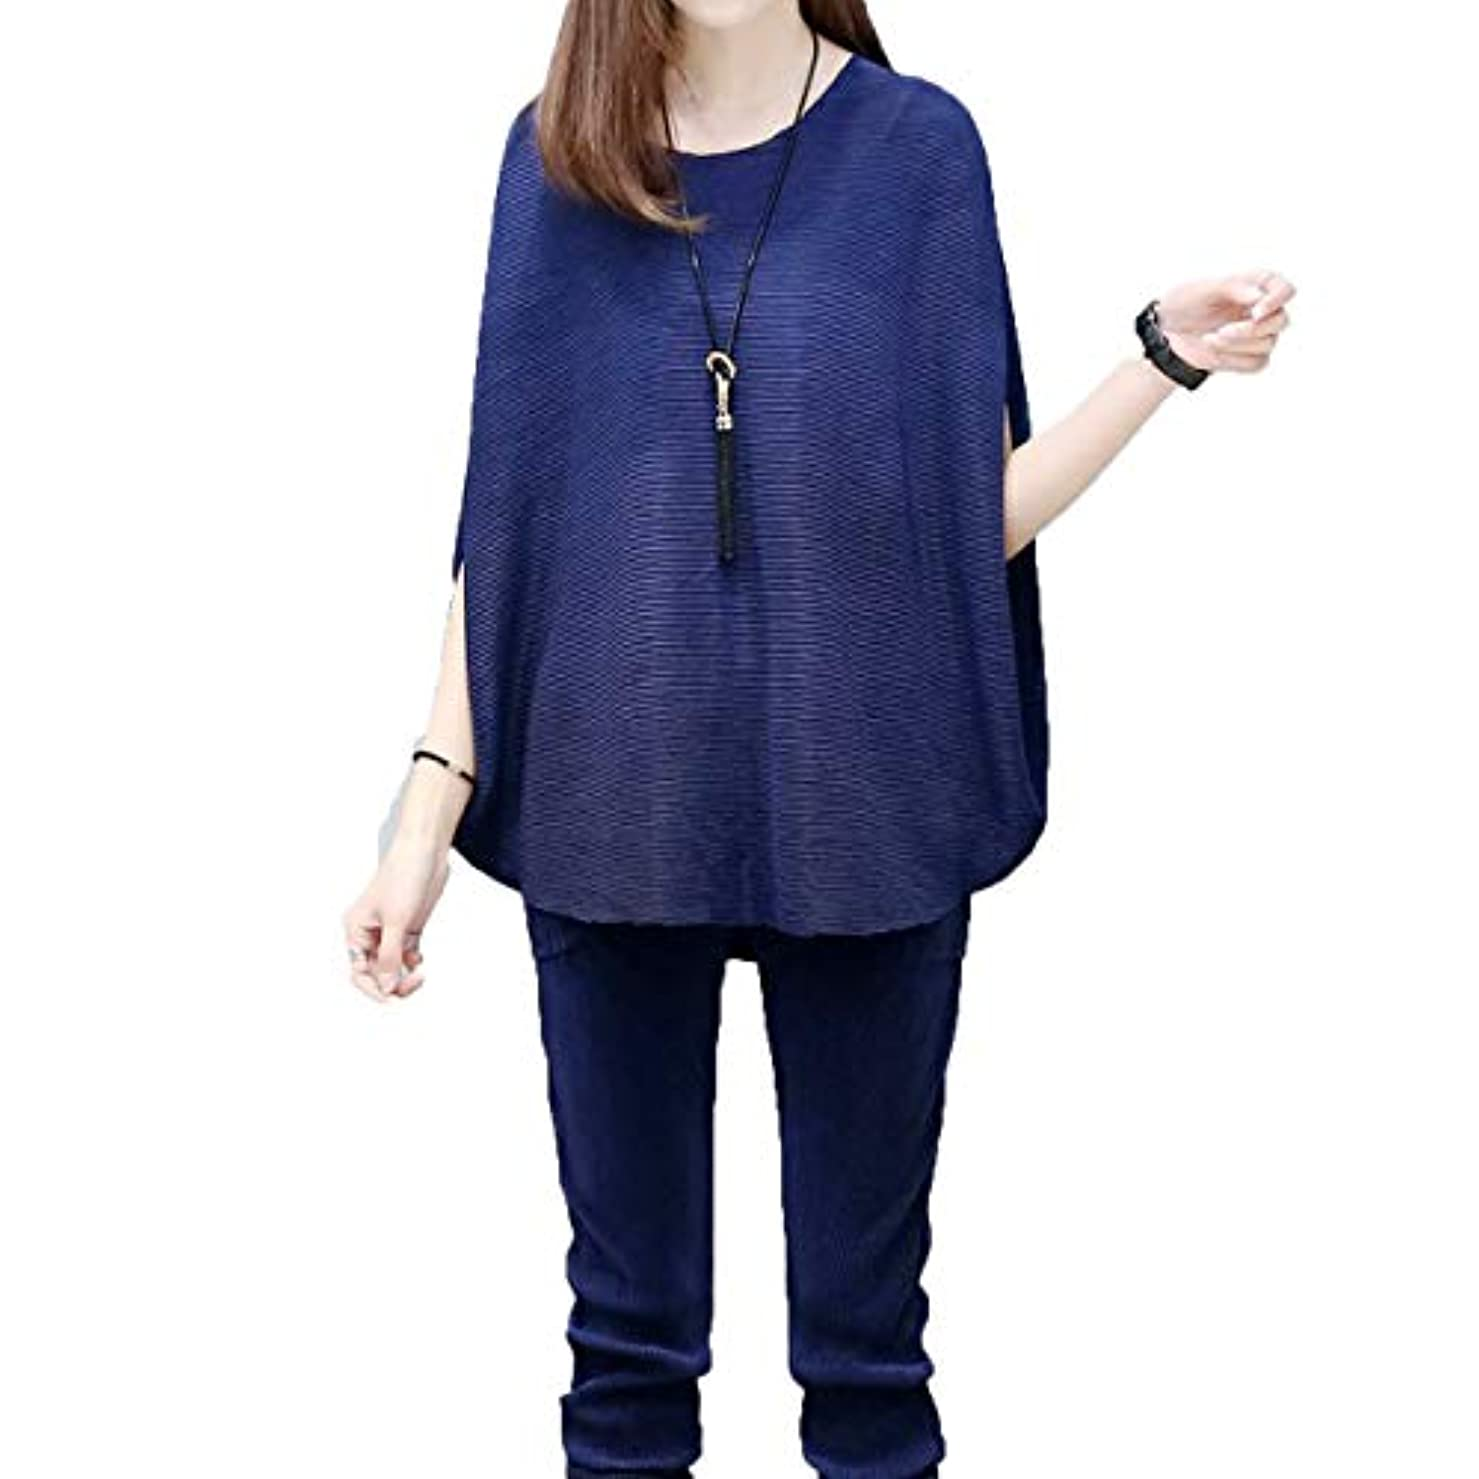 [ココチエ] レディース トップス Tシャツ 二の腕 カバー 半袖 ノースリーブ プルオーバー ゆったり 大人体型 体型カバー おおきいサイズ おしゃれ 黒 ネイビー